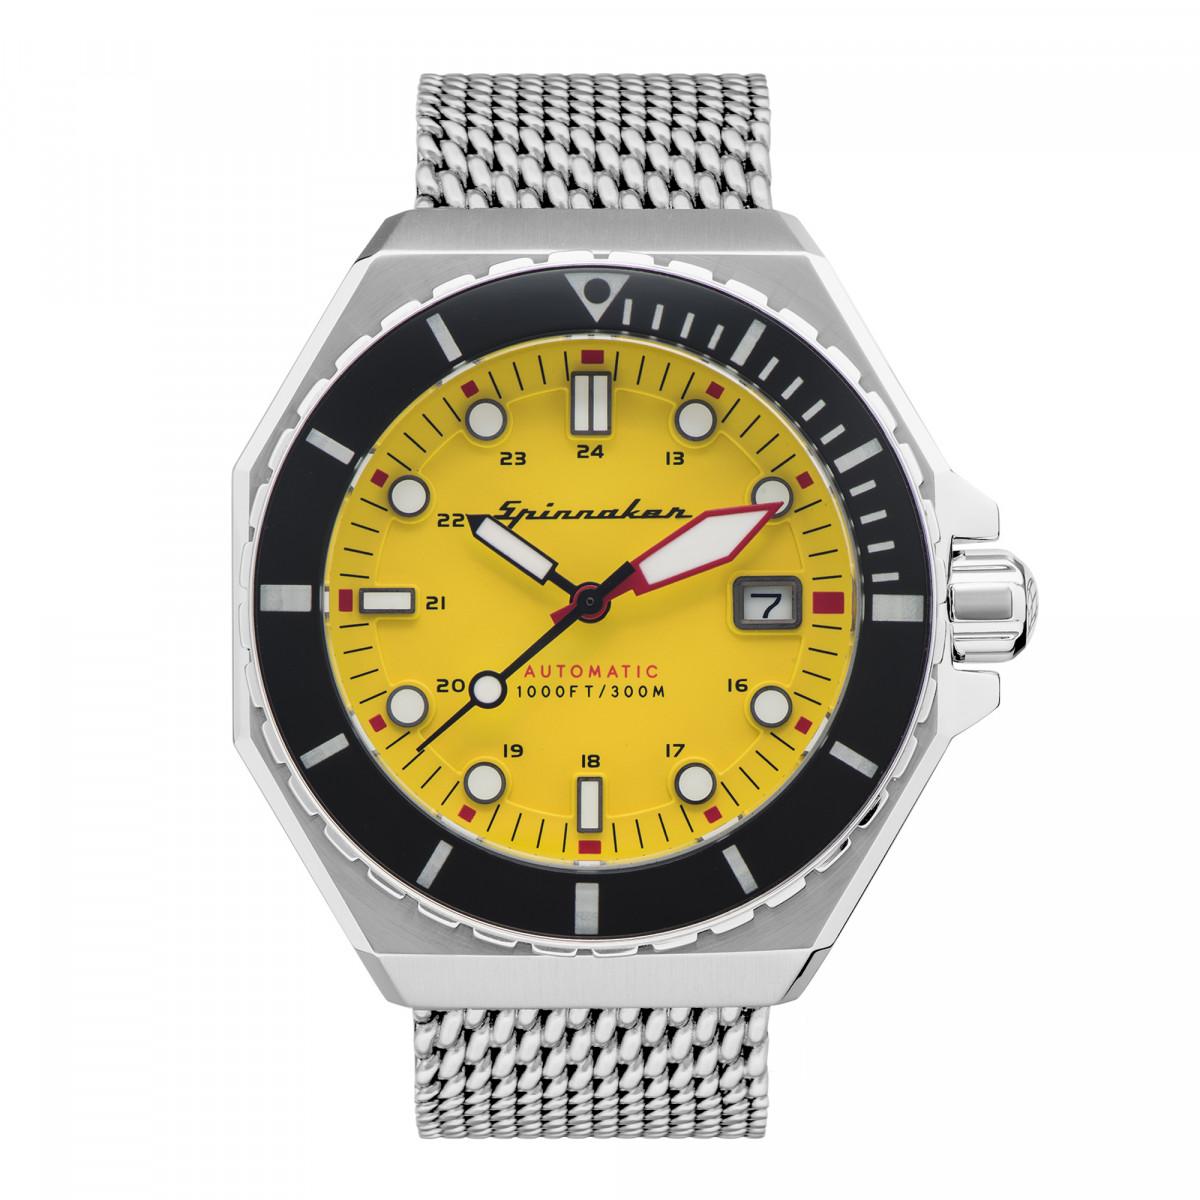 Montre Homme Spinnaker DUMAS Automatique Cadran jaune Bracelet acier